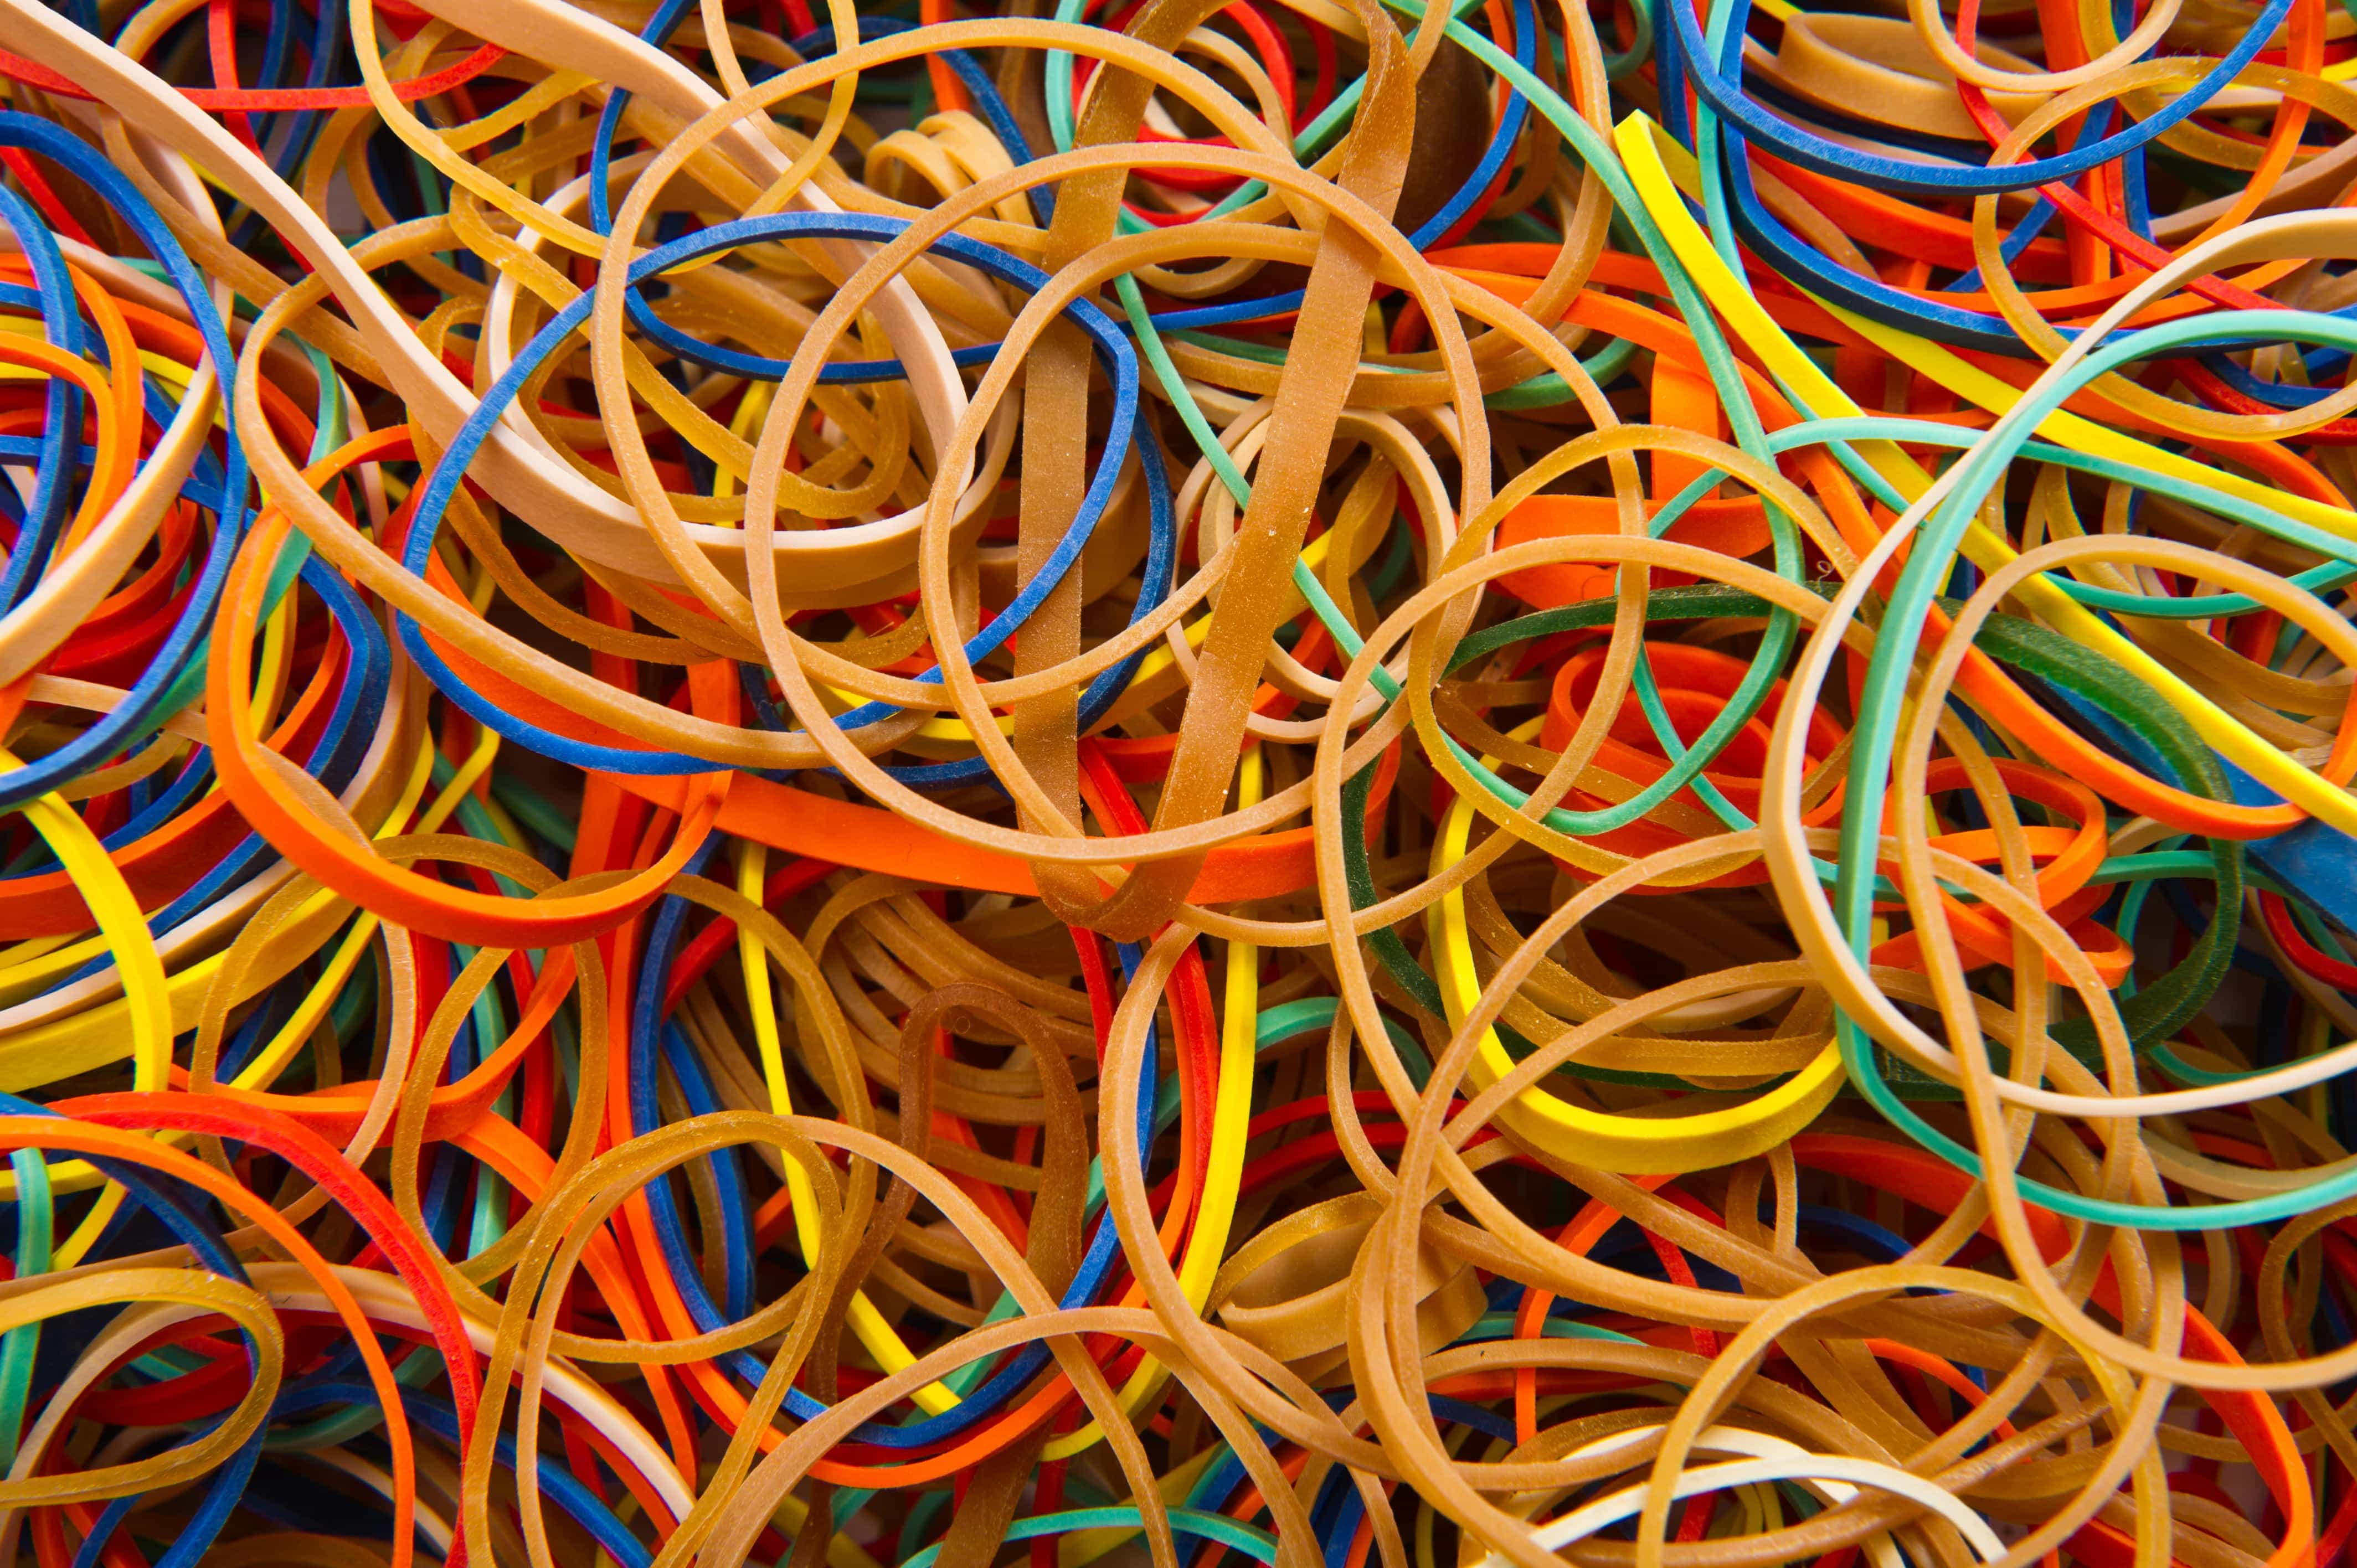 Apprenez à faire des bracelets Rainbow Loom avec votre mobile